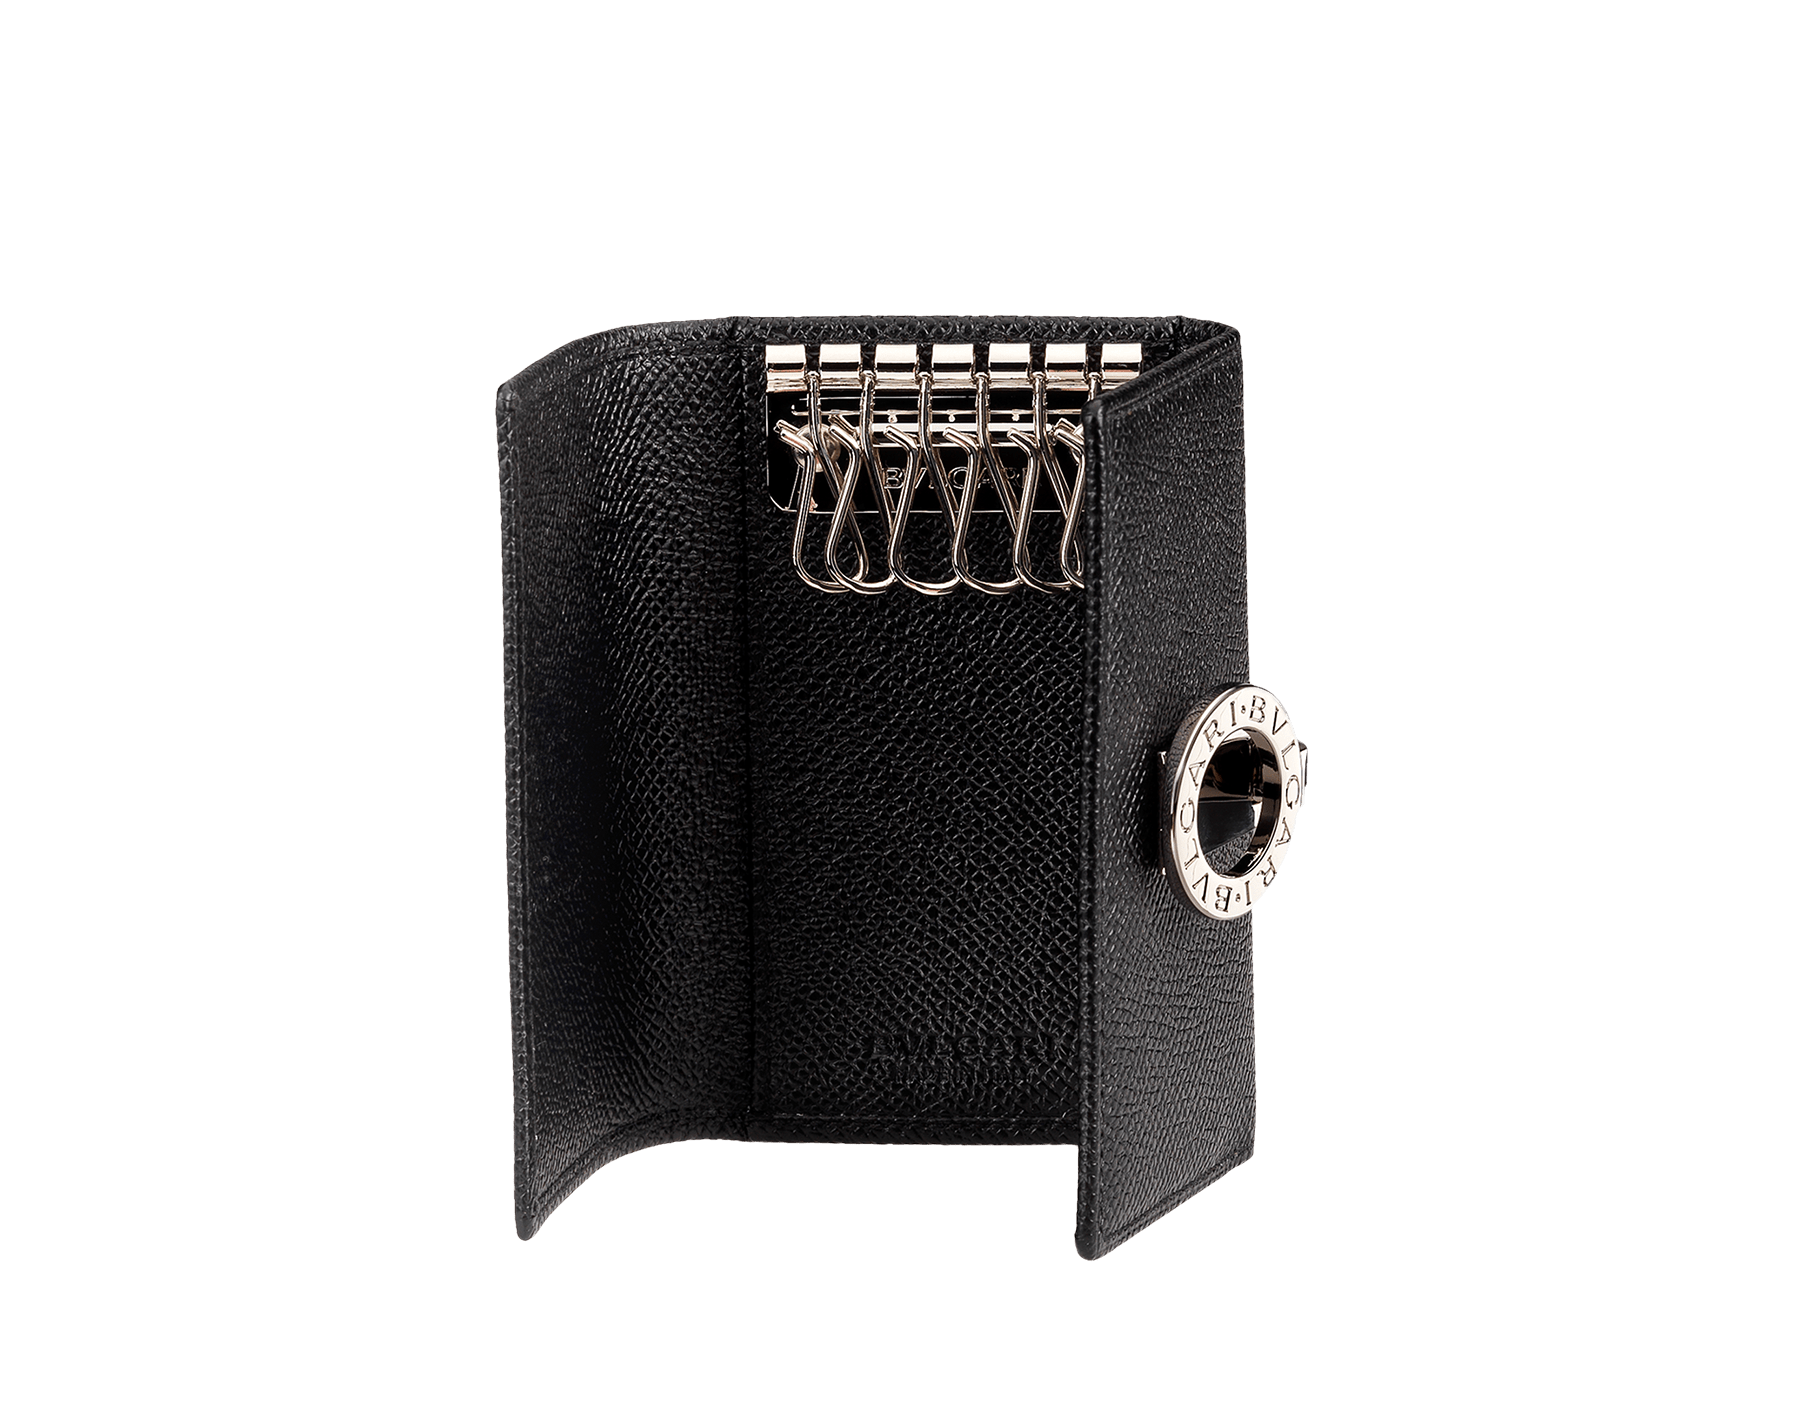 Porte-clés en cuir de veau grainé noir. Rabat avec clip et détails en plaqué palladium. Six attaches intérieures. Dimensions : 7 x 10 cm. 30422 image 1